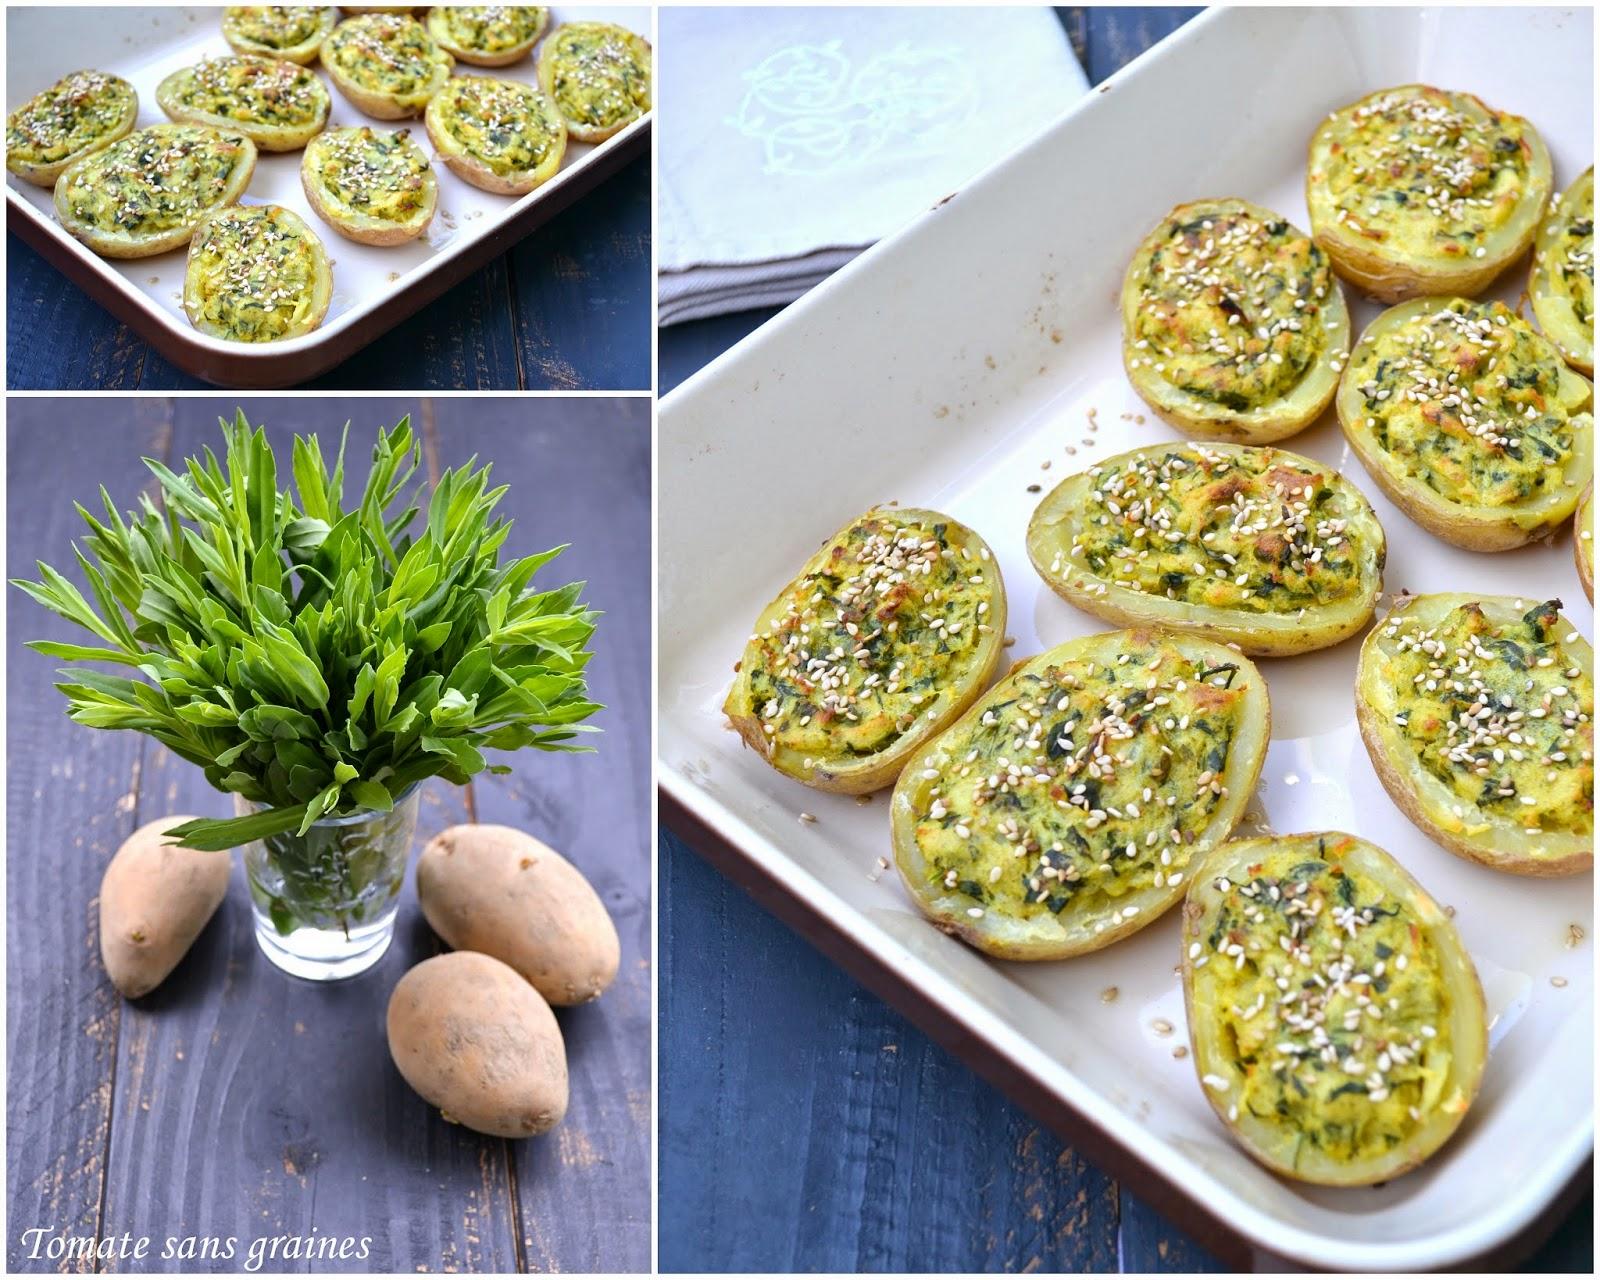 Tomate sans graines green lifestyle cuisine bien tre z ro d chet pommes de terre - Pomme de terre germee comestible ...